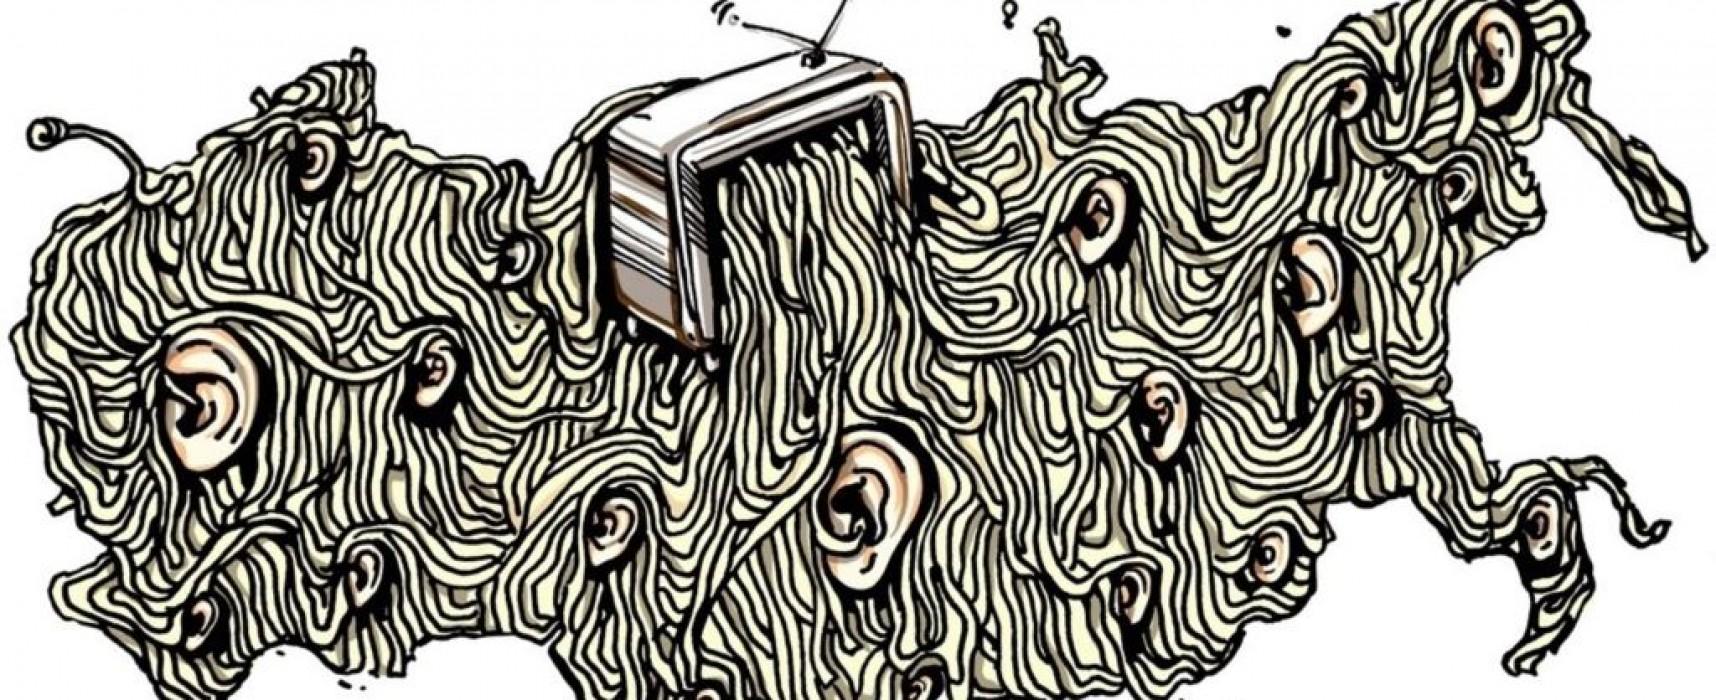 Олег Панфилов: Российские СМИ о Сирии – не ждите правды